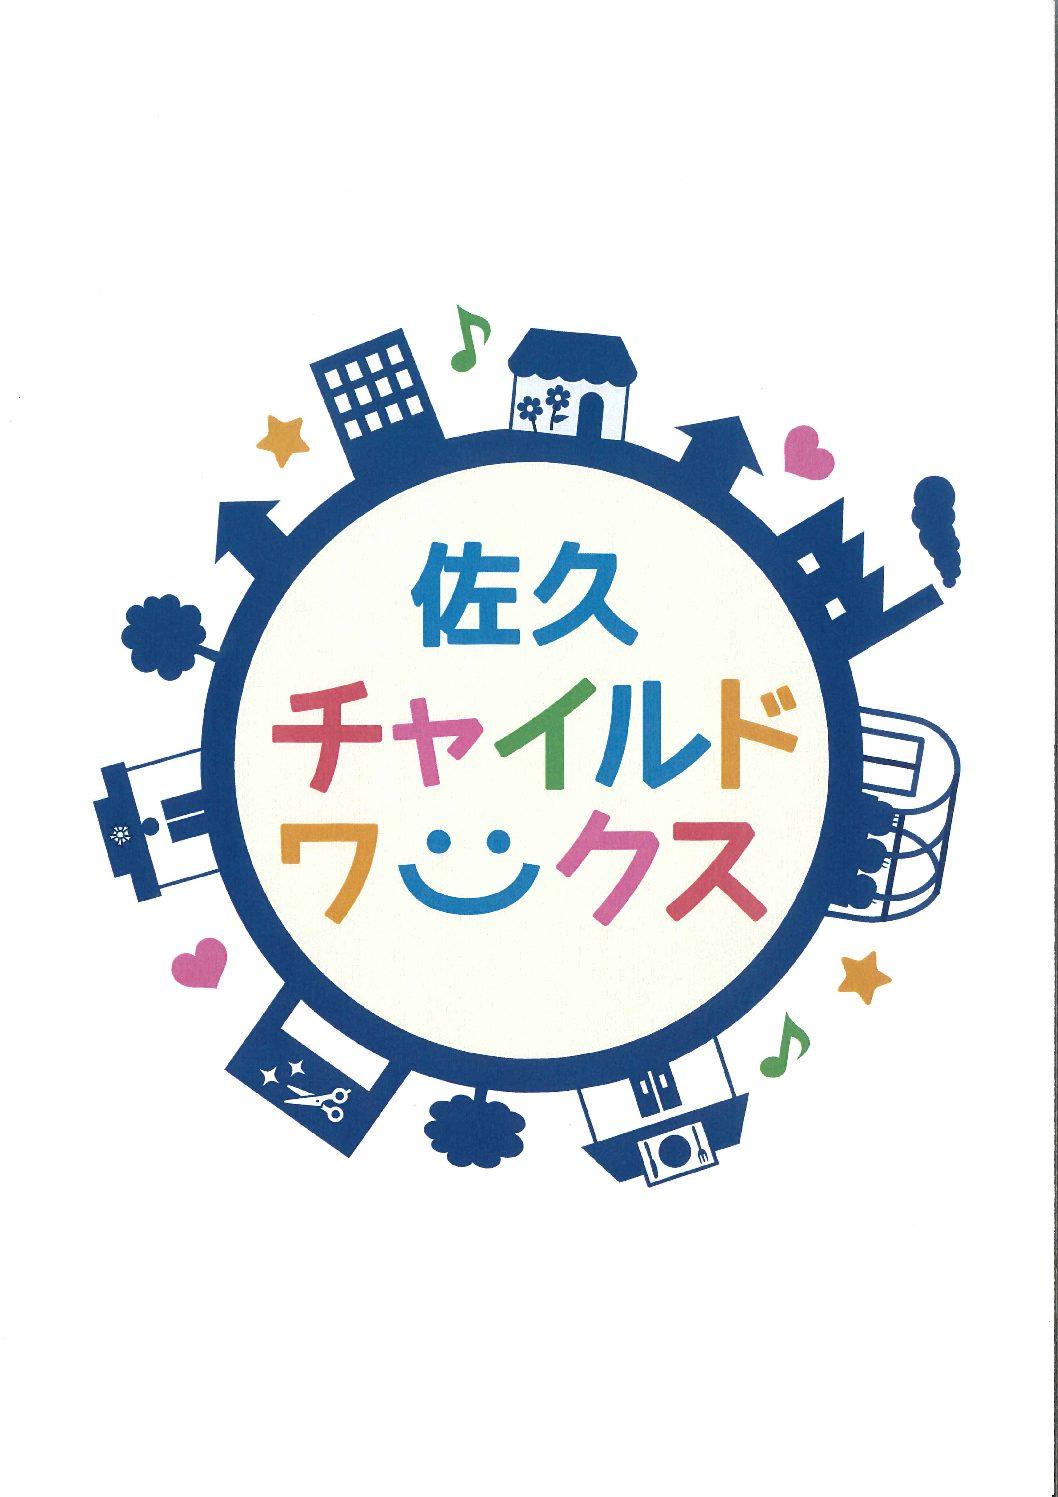 (7月2日)第2回佐久チャイルドワークス開催のお知らせ